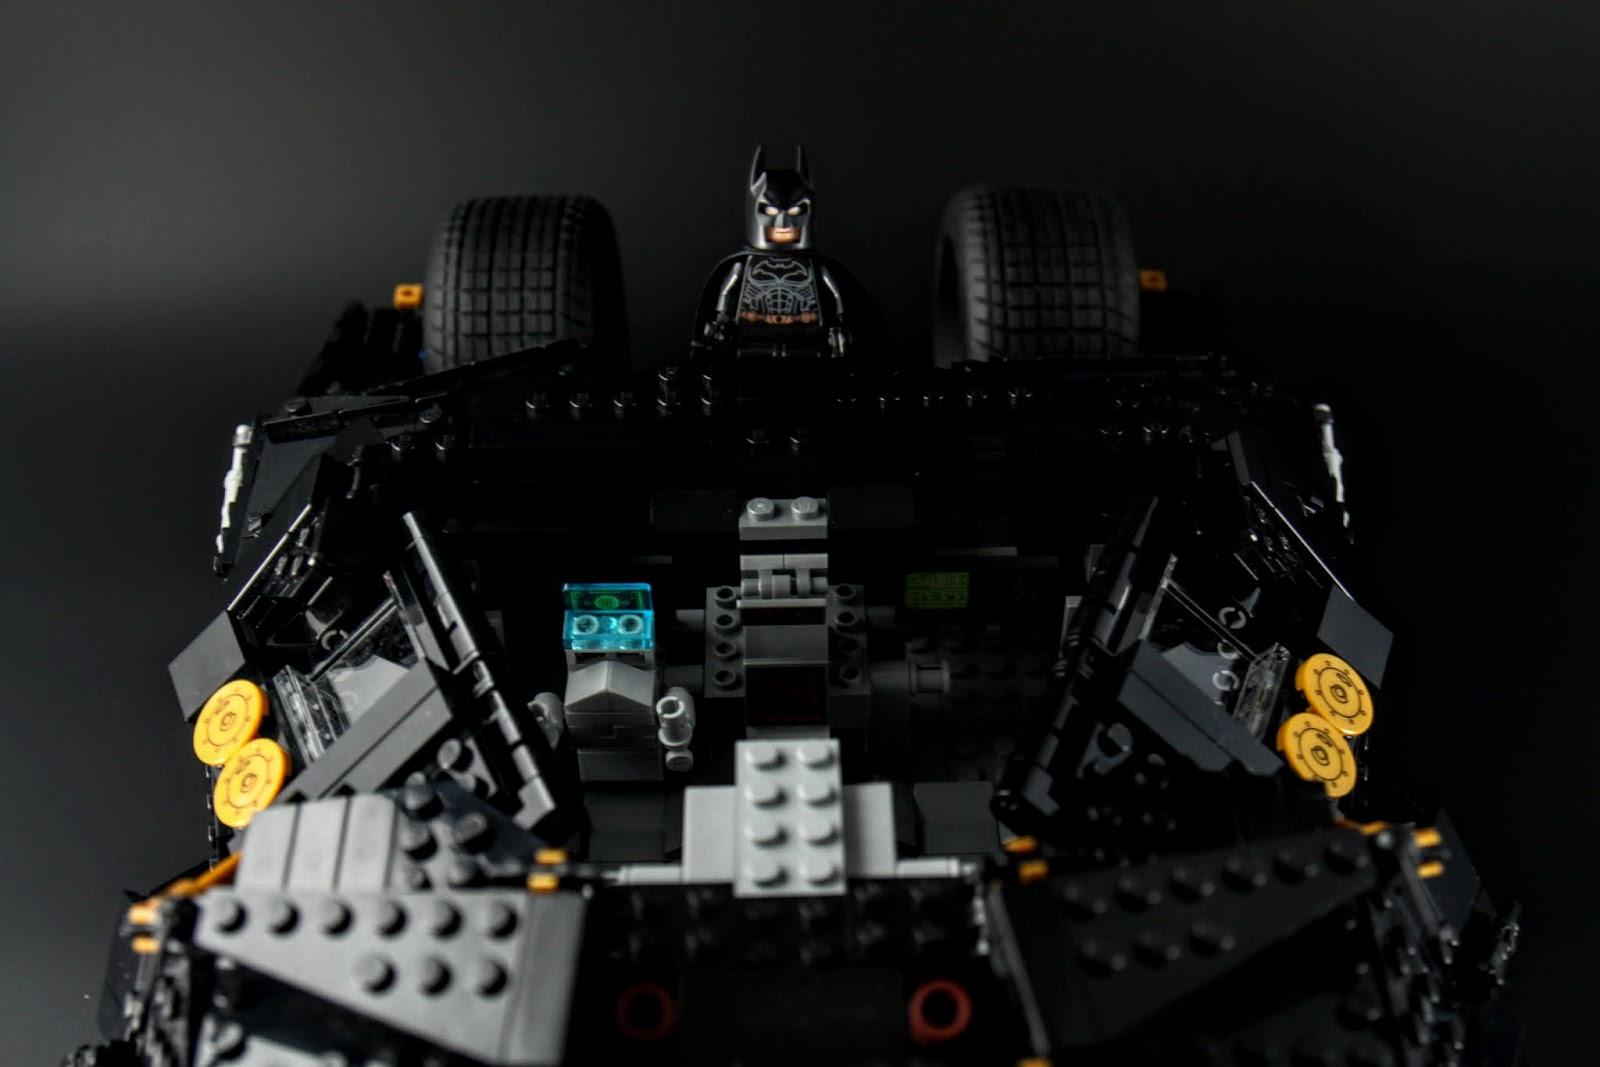 跟樂高蝙蝠俠比較一下